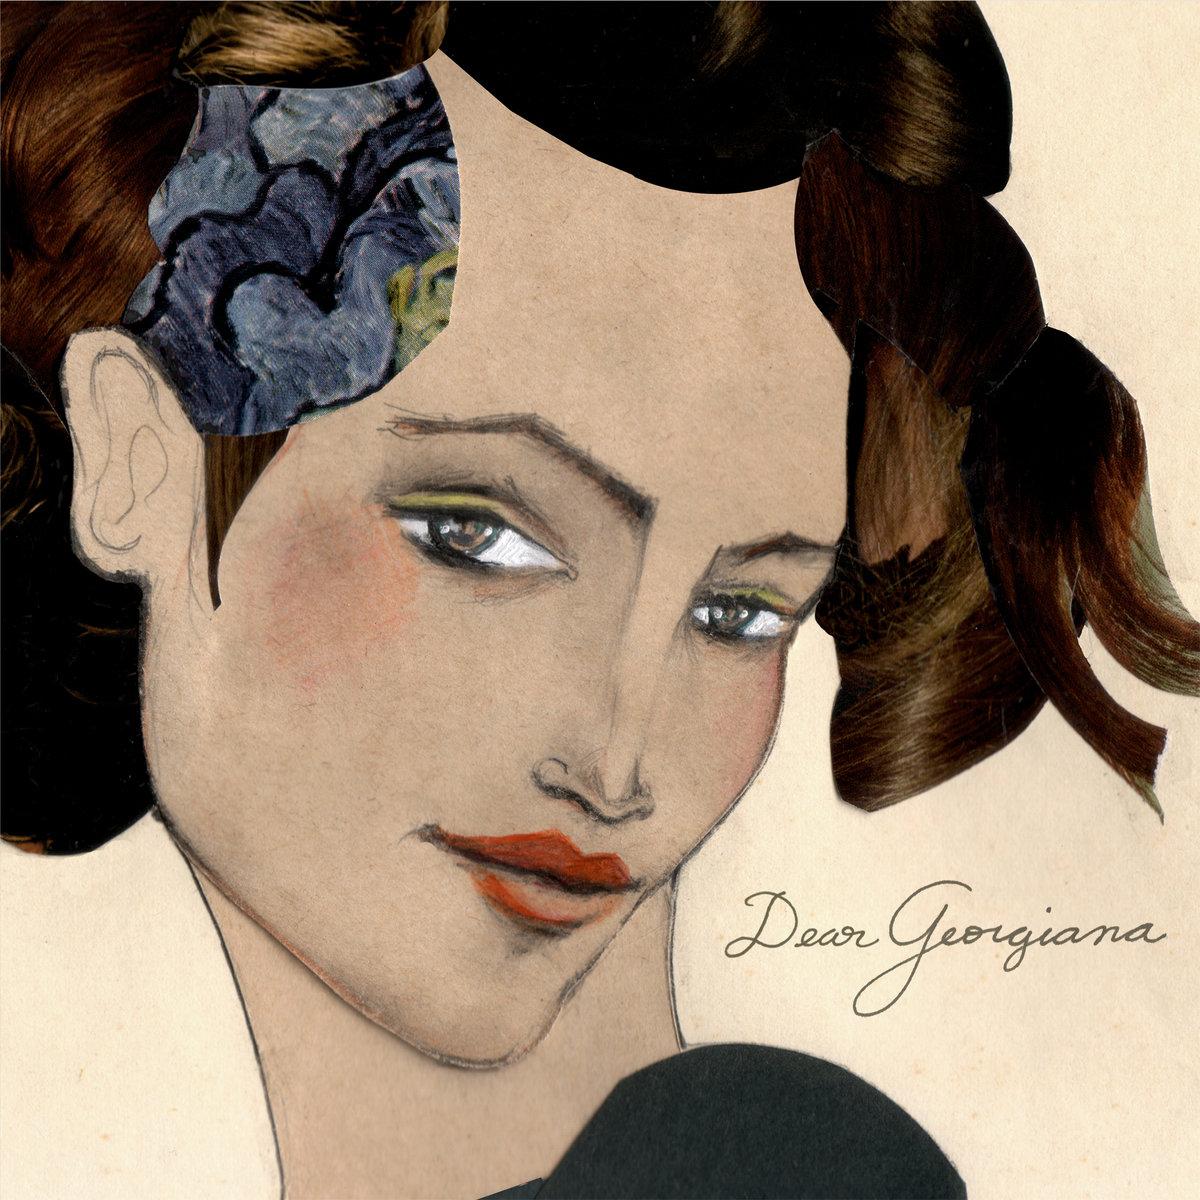 Dear Georgiana - Dear Georgiana artwork